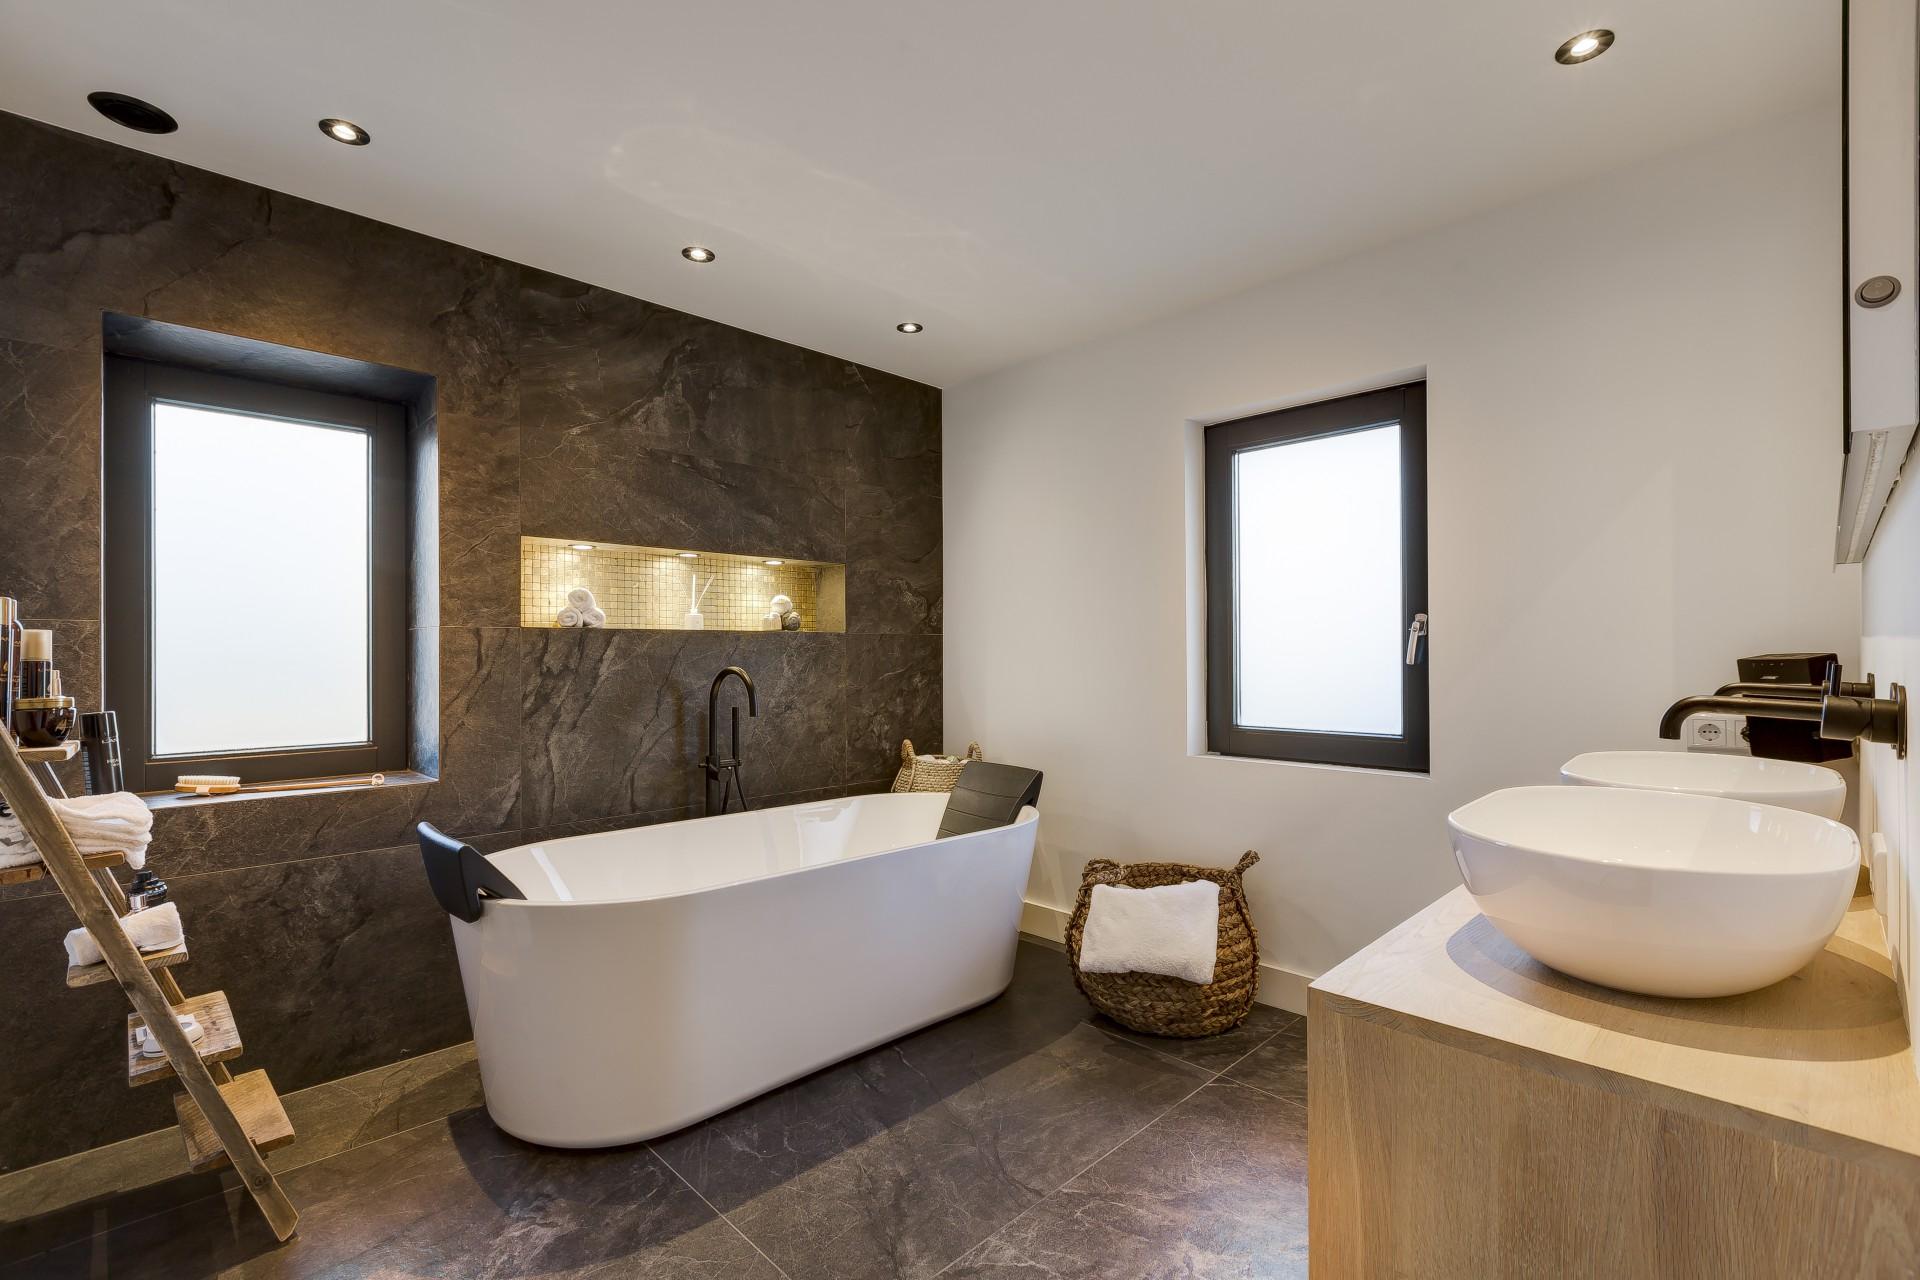 Badkamer In Weert Laten Plaatsen Een Nieuwe Badkamer Begint Bij De Tekentafel